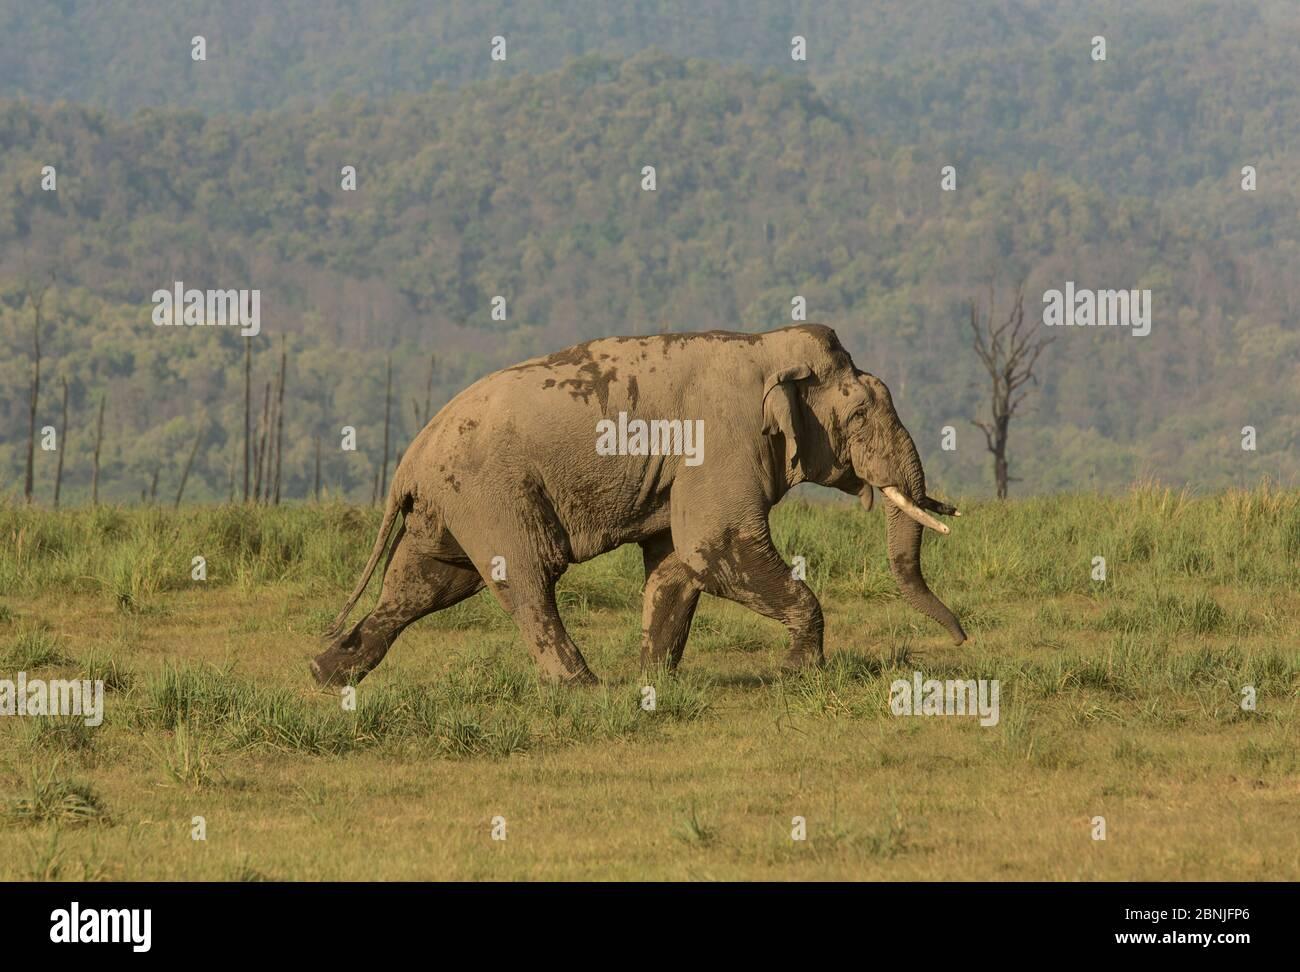 Elefante asiático (Elefas maximus) macho caminando agresivamente hacia el rival masculino. Jim Corbett National Park, India. Foto de stock